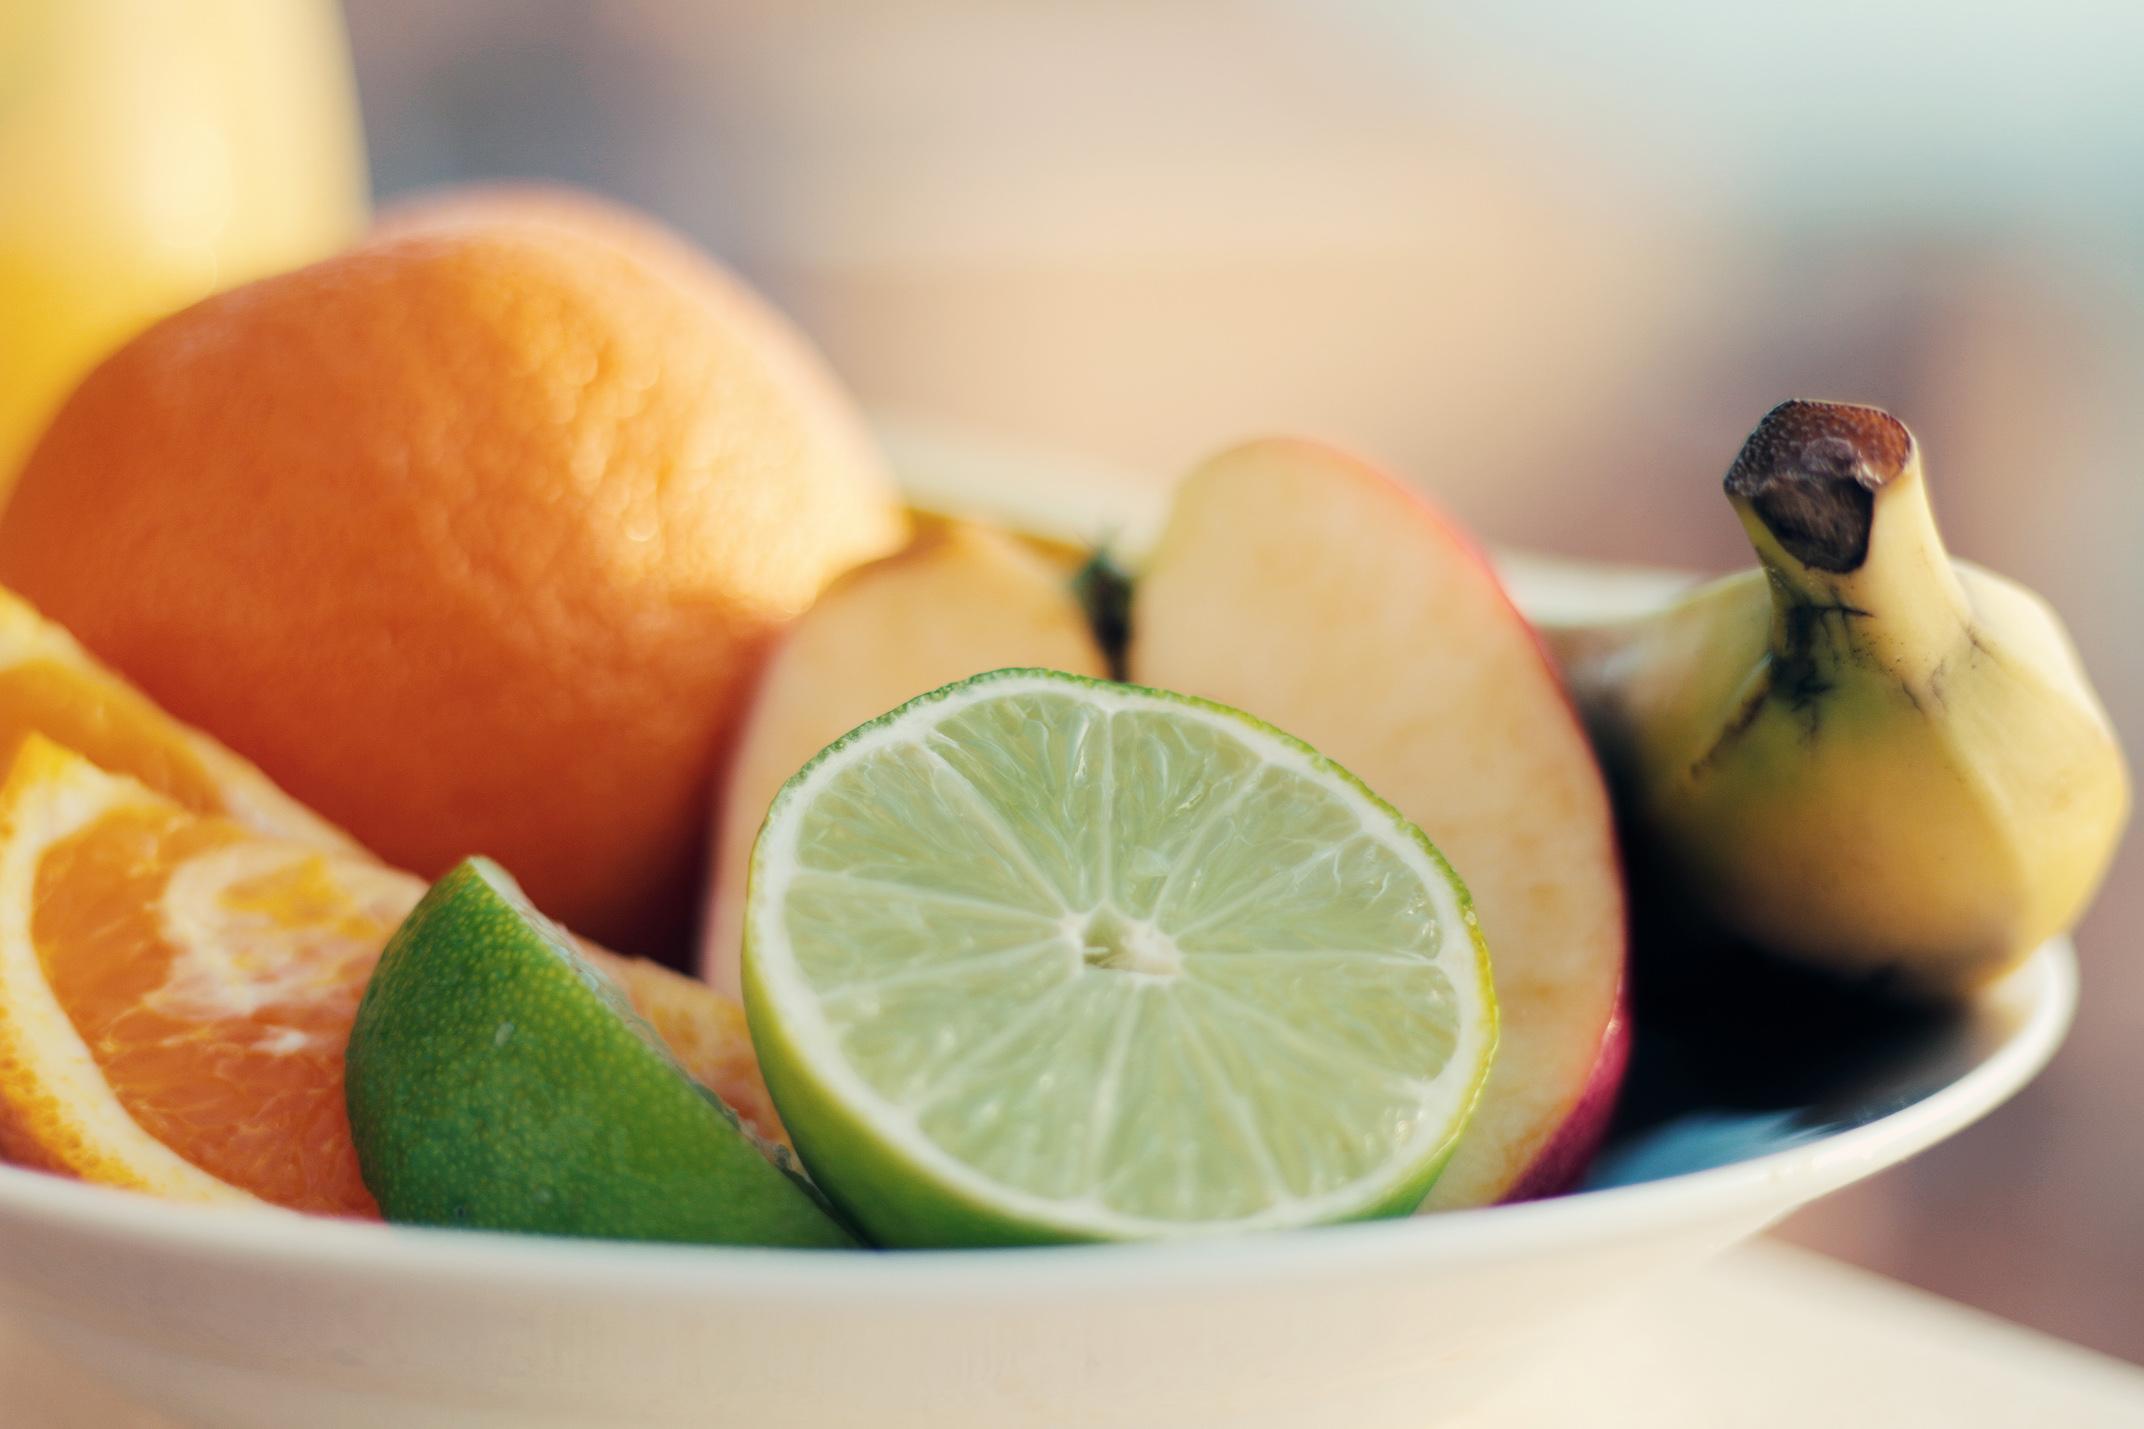 Produktivitäts Vitamine - 6 gesunde Kurz-Tipps auch für Obstverweigerer